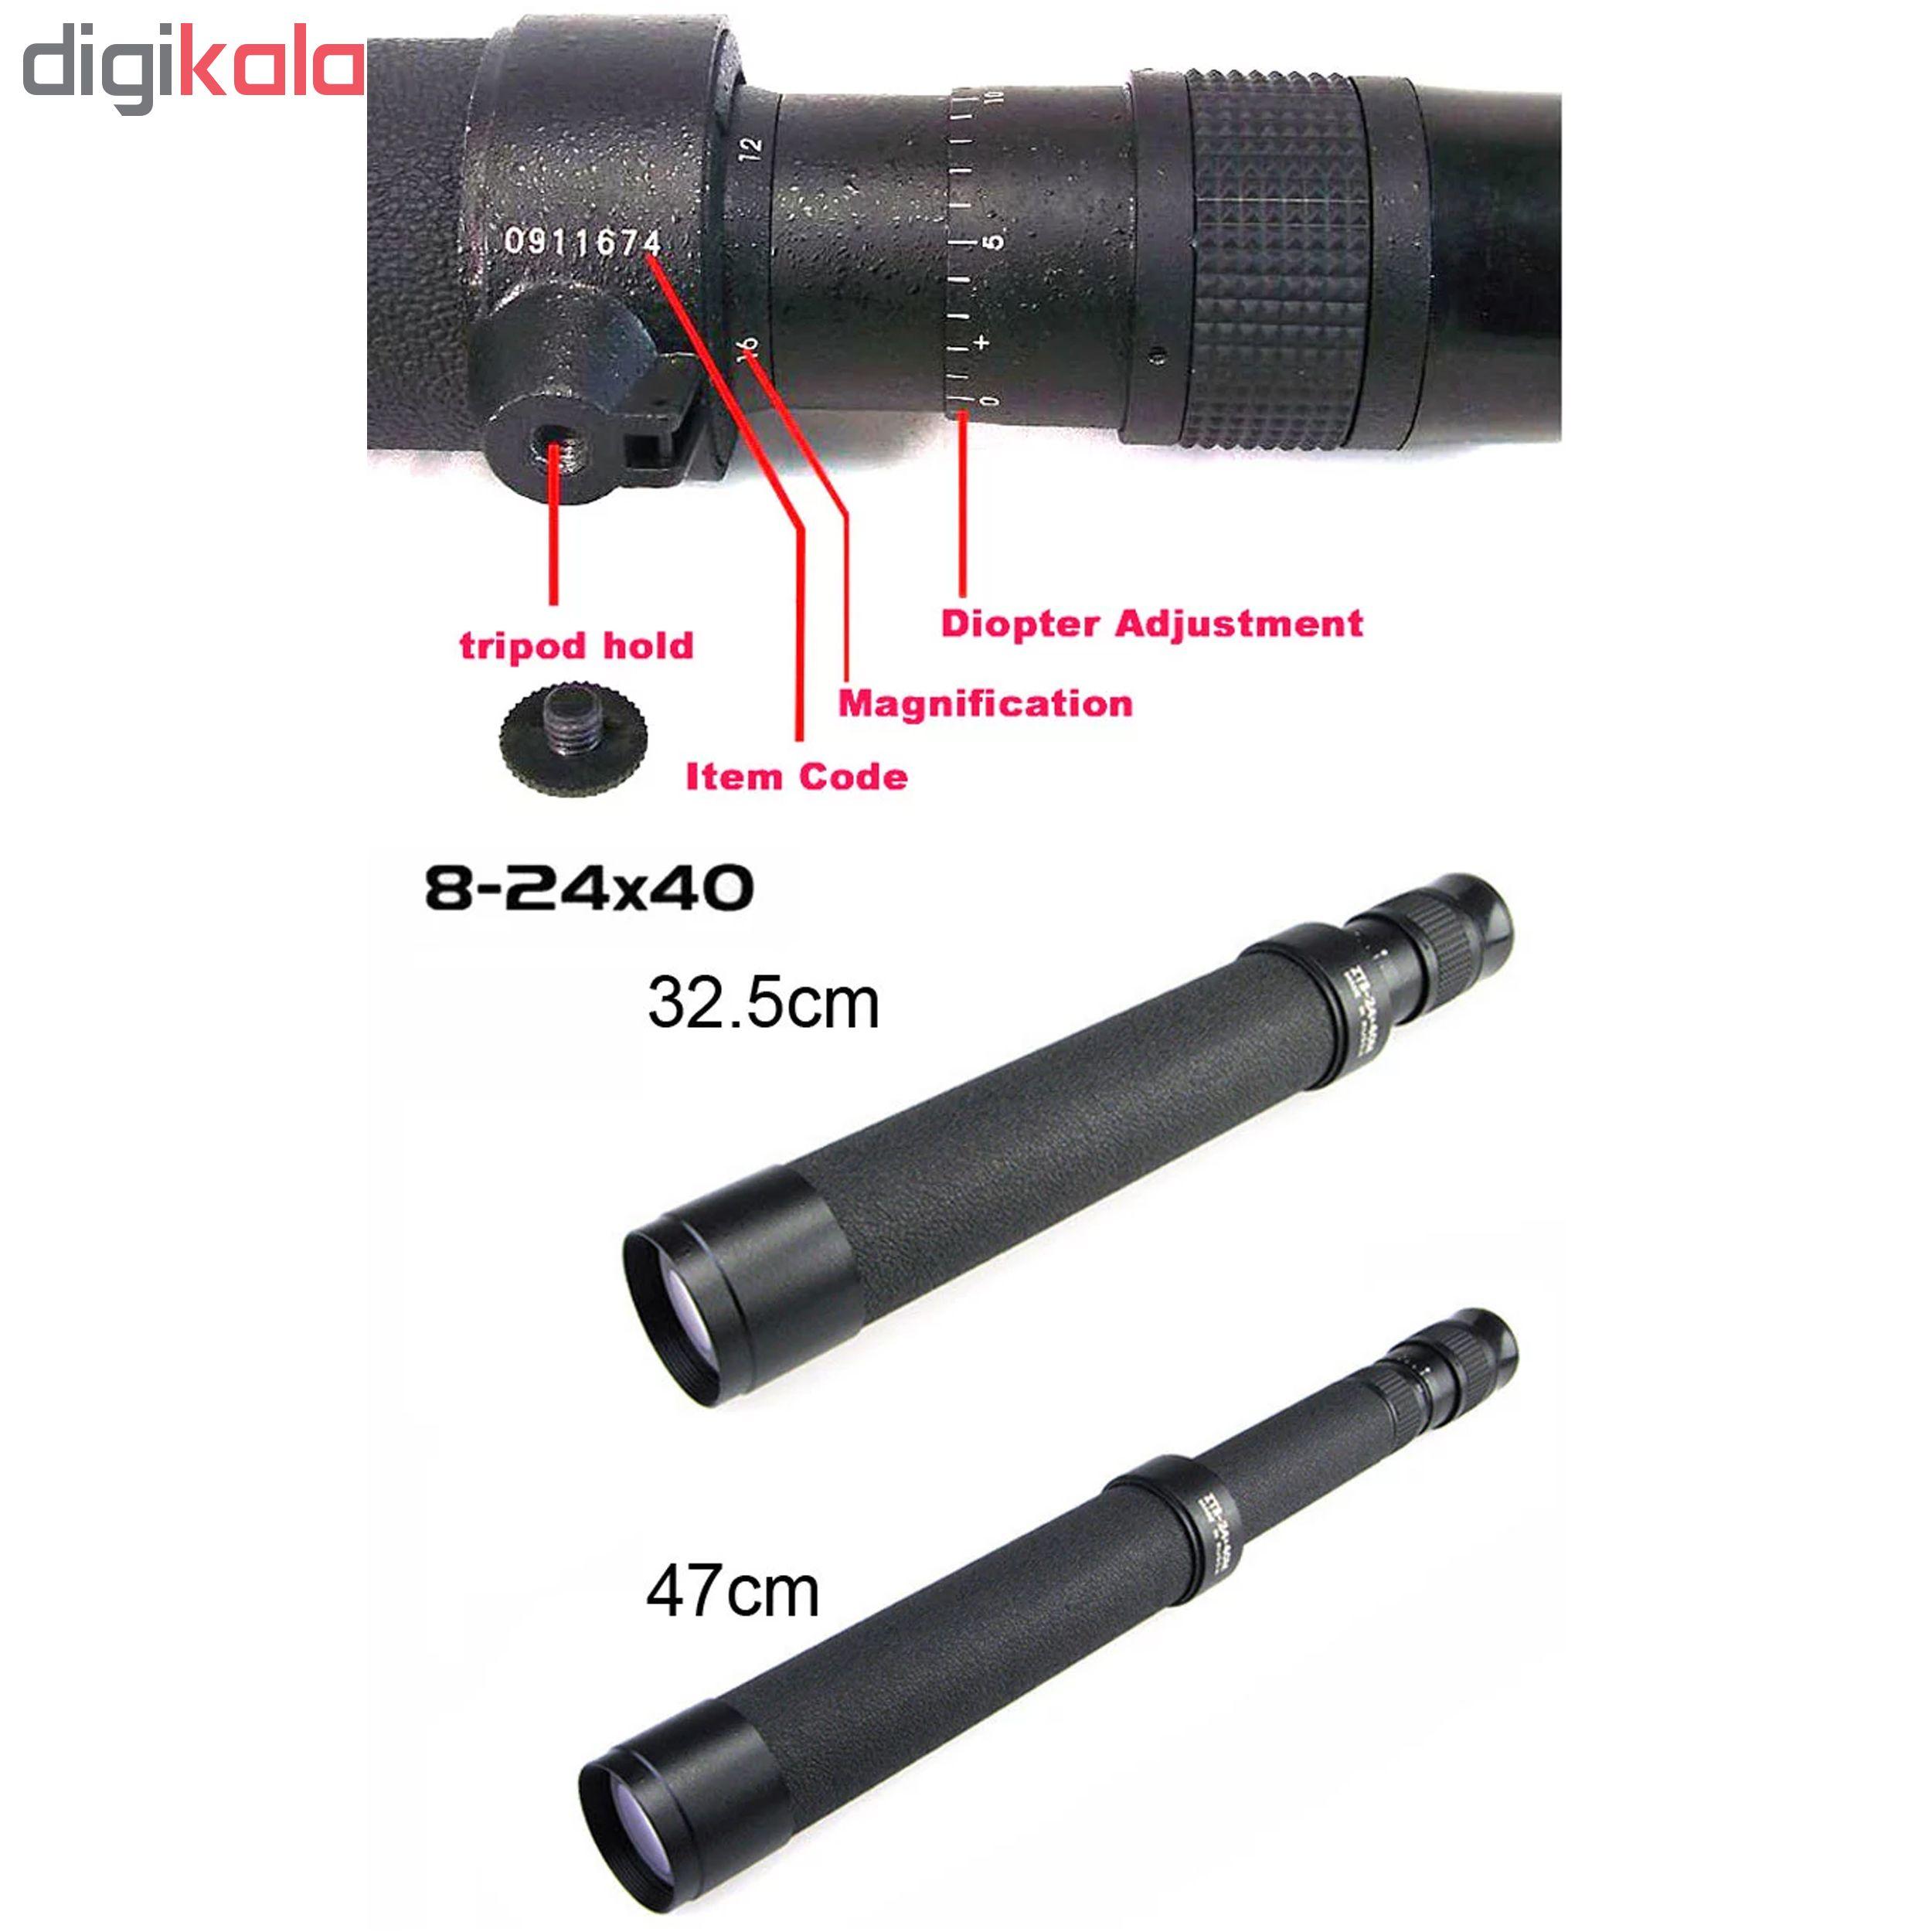 دوربین تک چشمی مدل 40×24-8 ZT